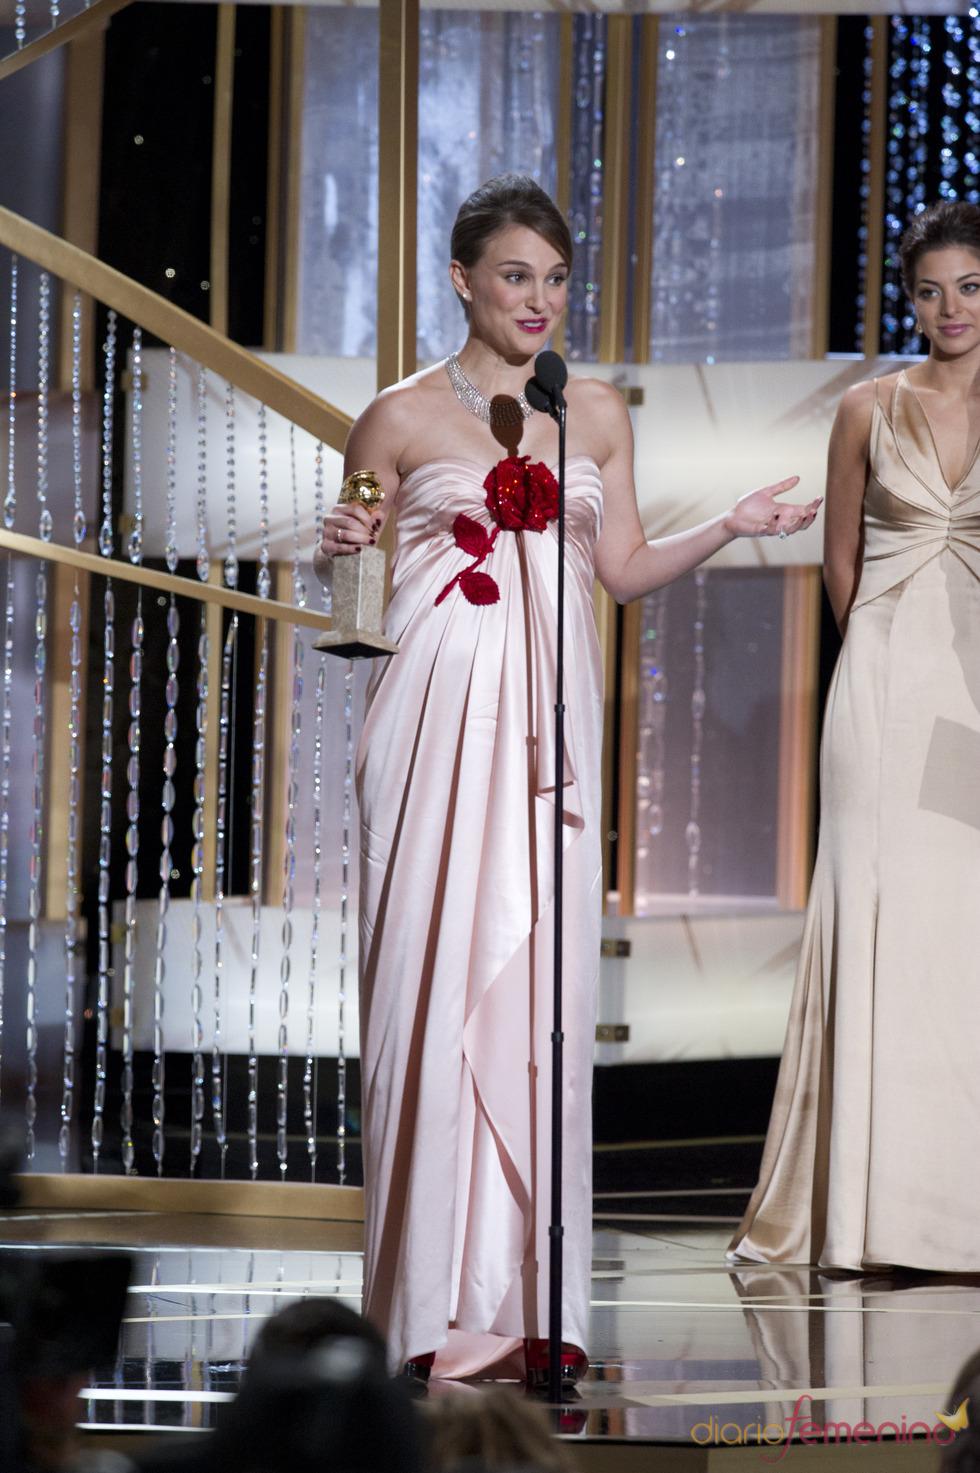 Natalie Portman, triunfadora en los Globos de Oro 2011